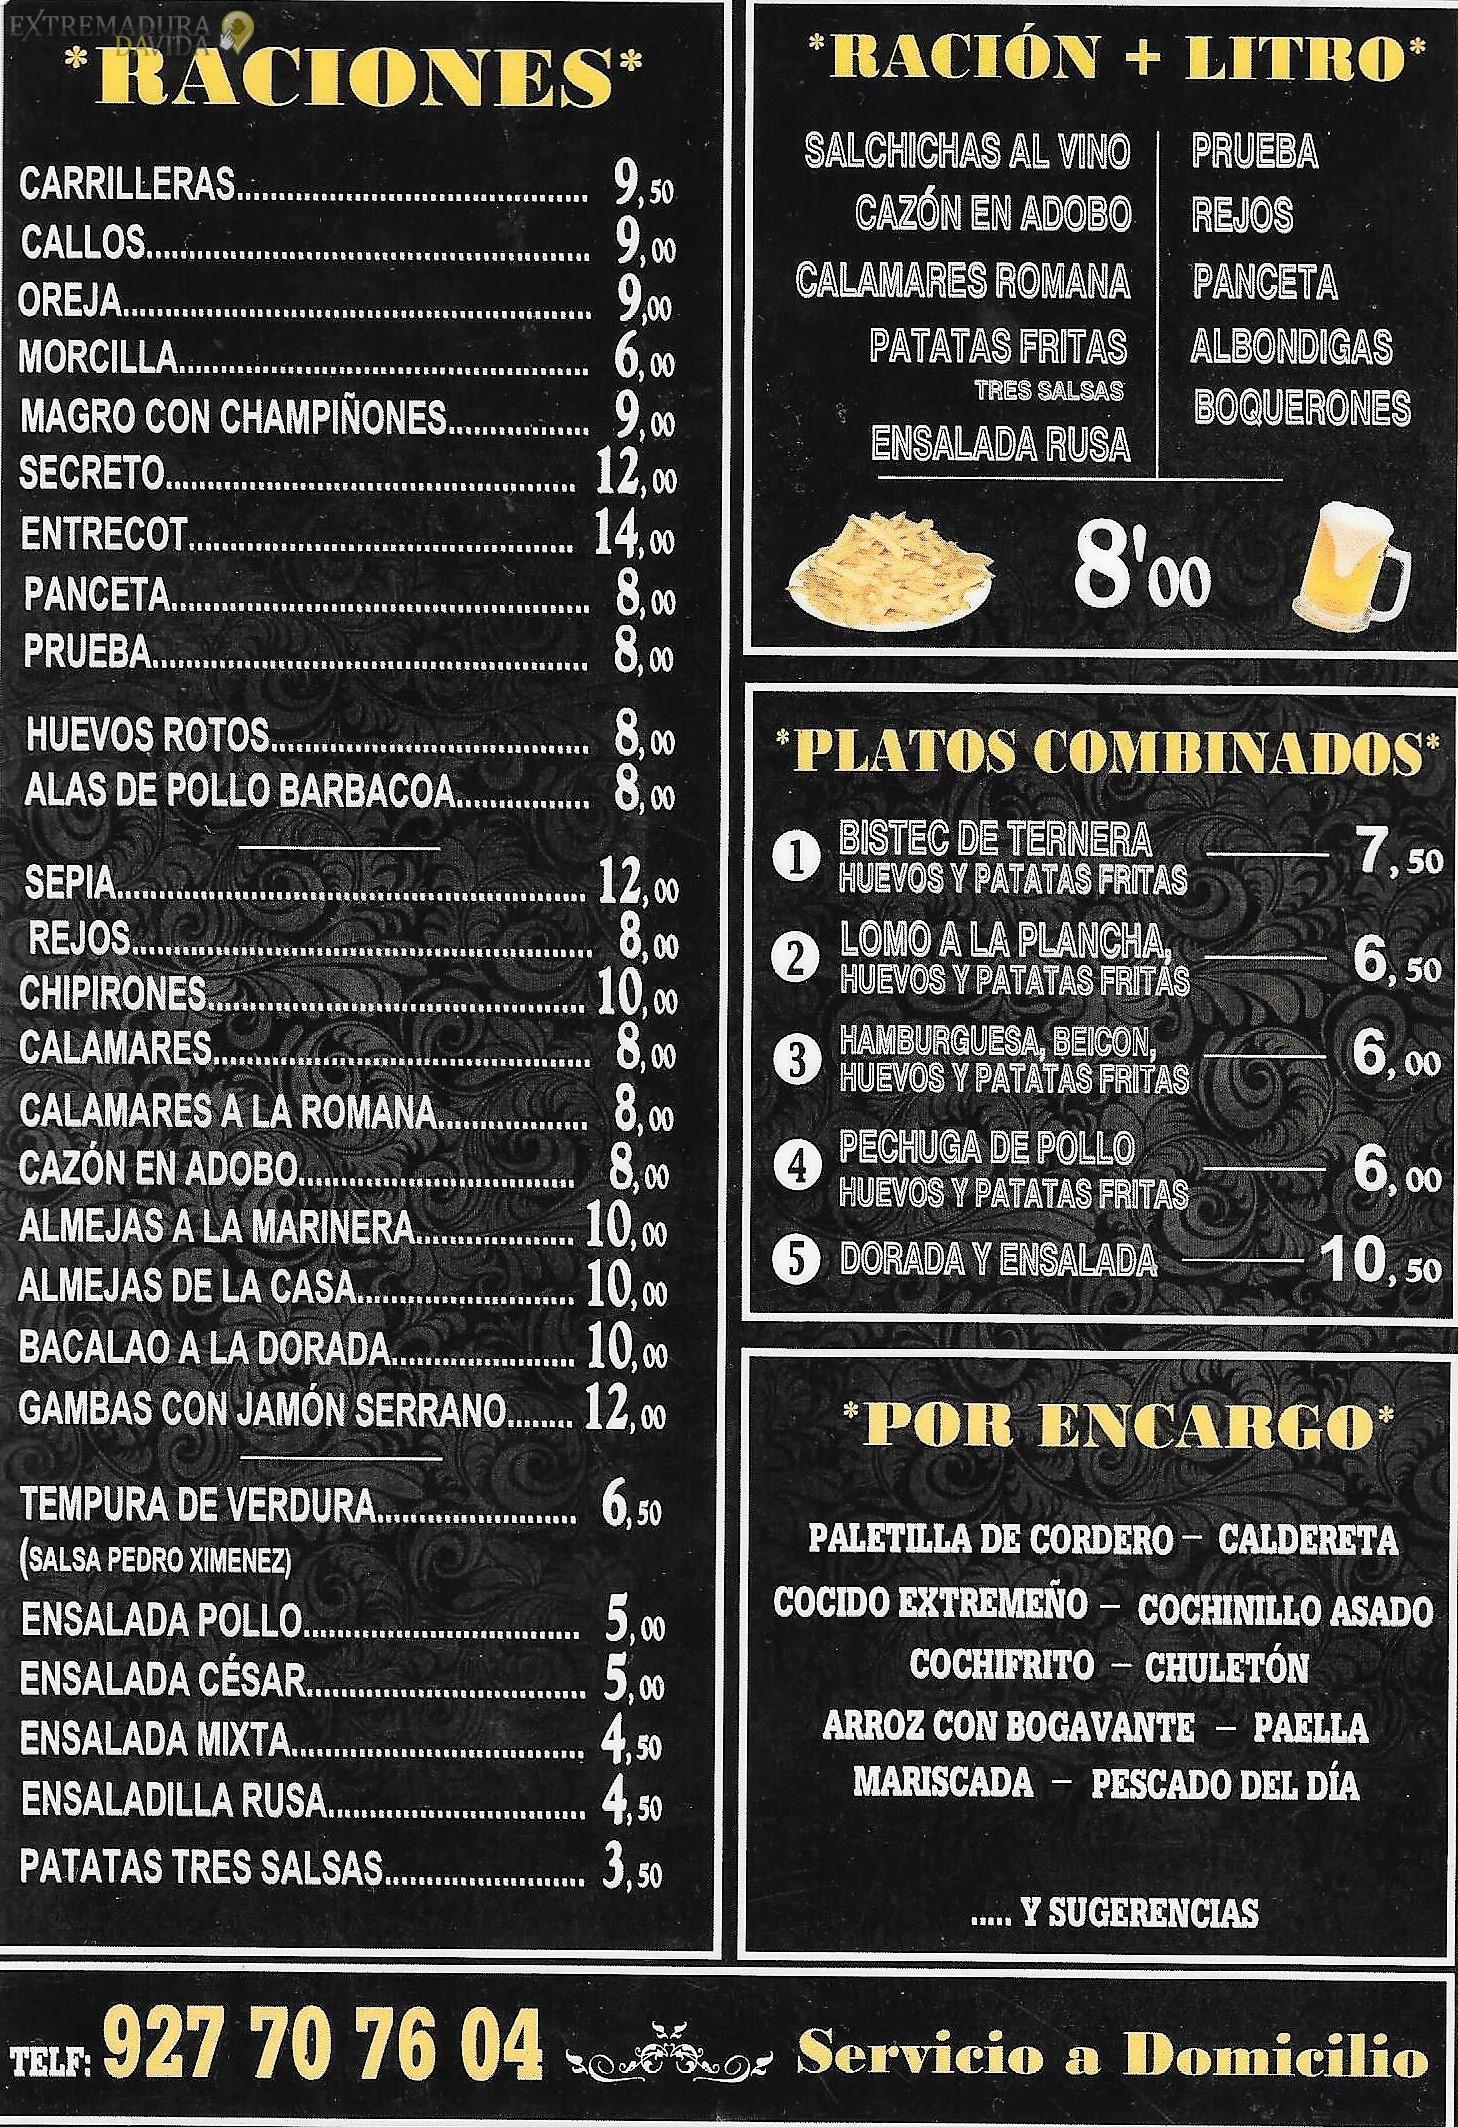 Raciones en Cáceres Comida para llevar New Golden